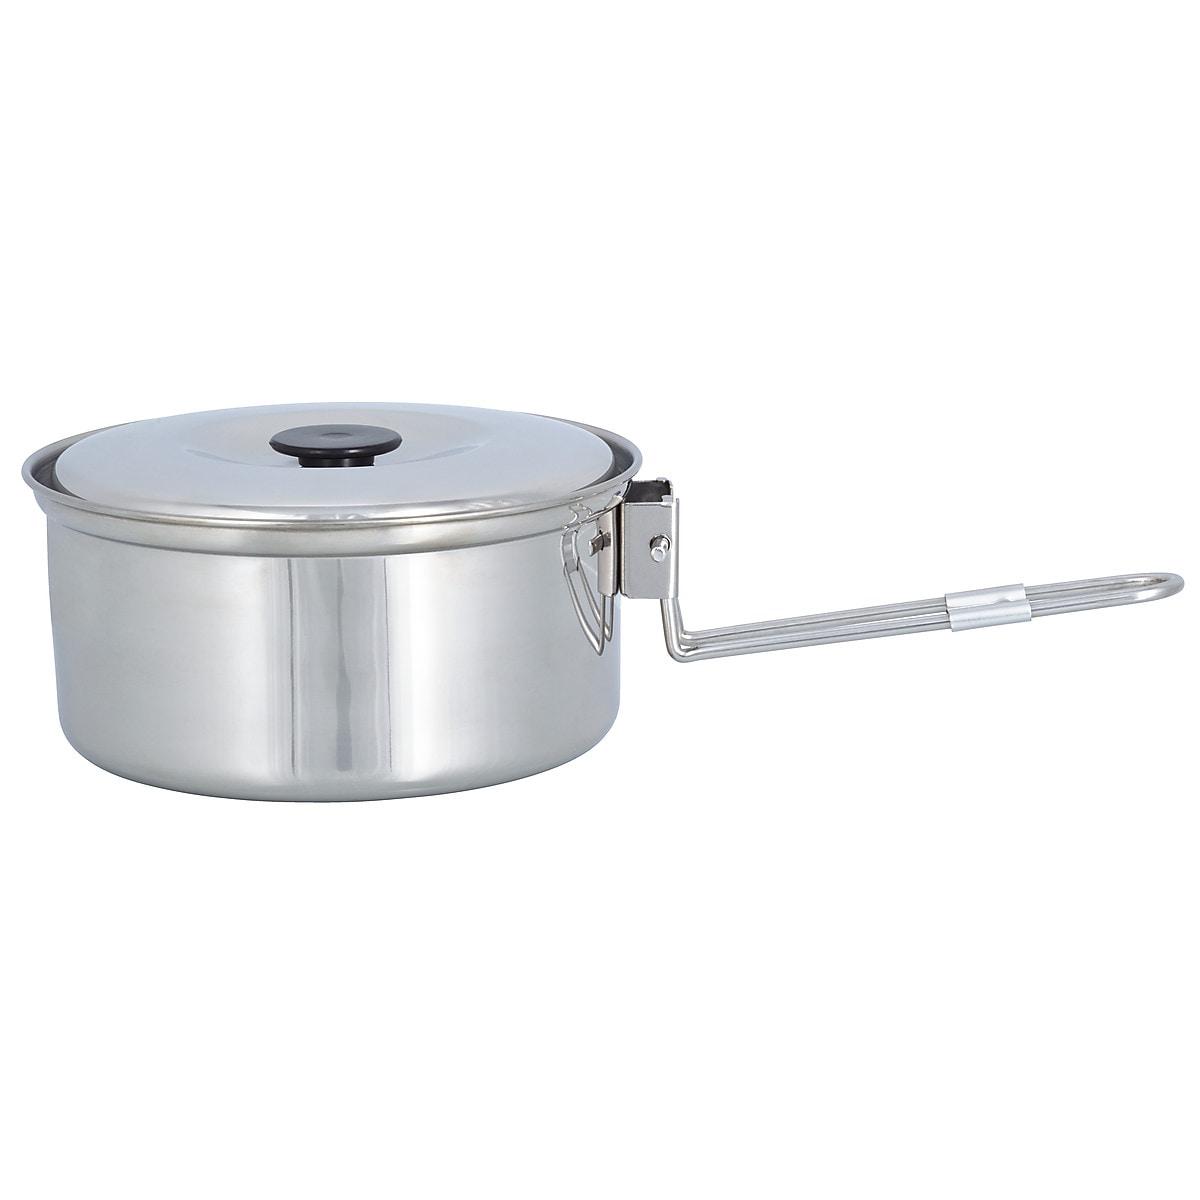 Asaklitt 6-Piece Stainless Steel Cookware Set